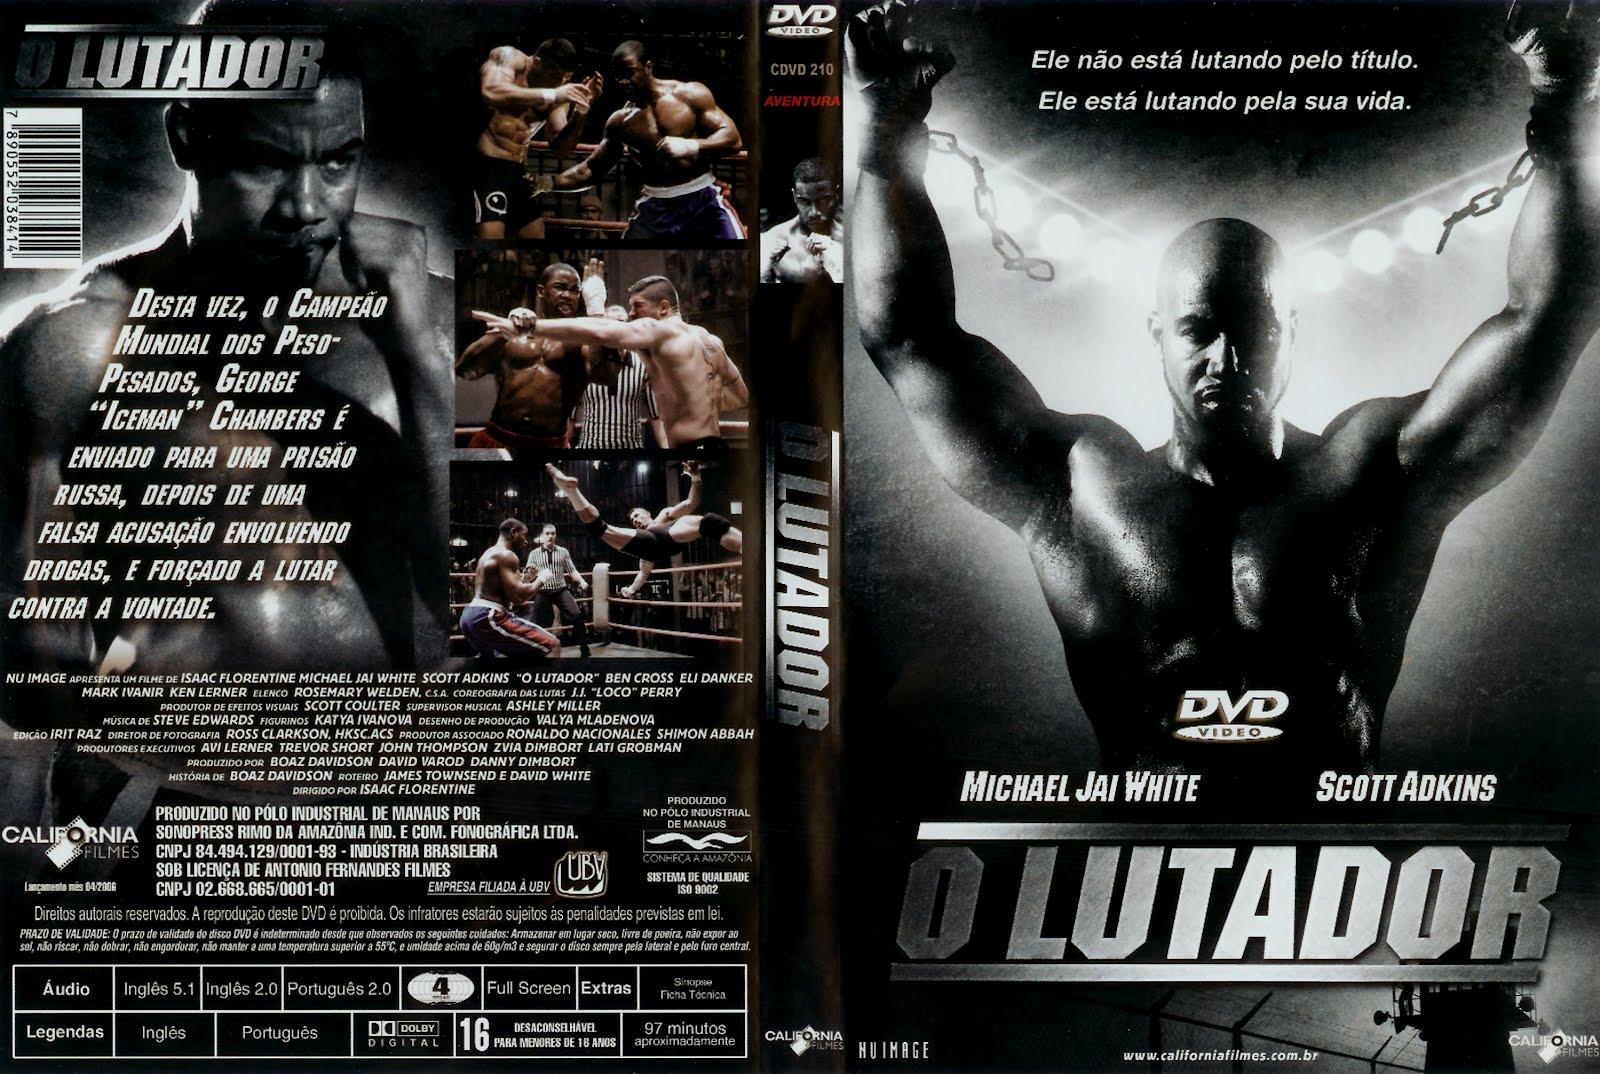 Imbatível 3 Top super capas: o melhor site de capas de dvd, cd, filmes e download